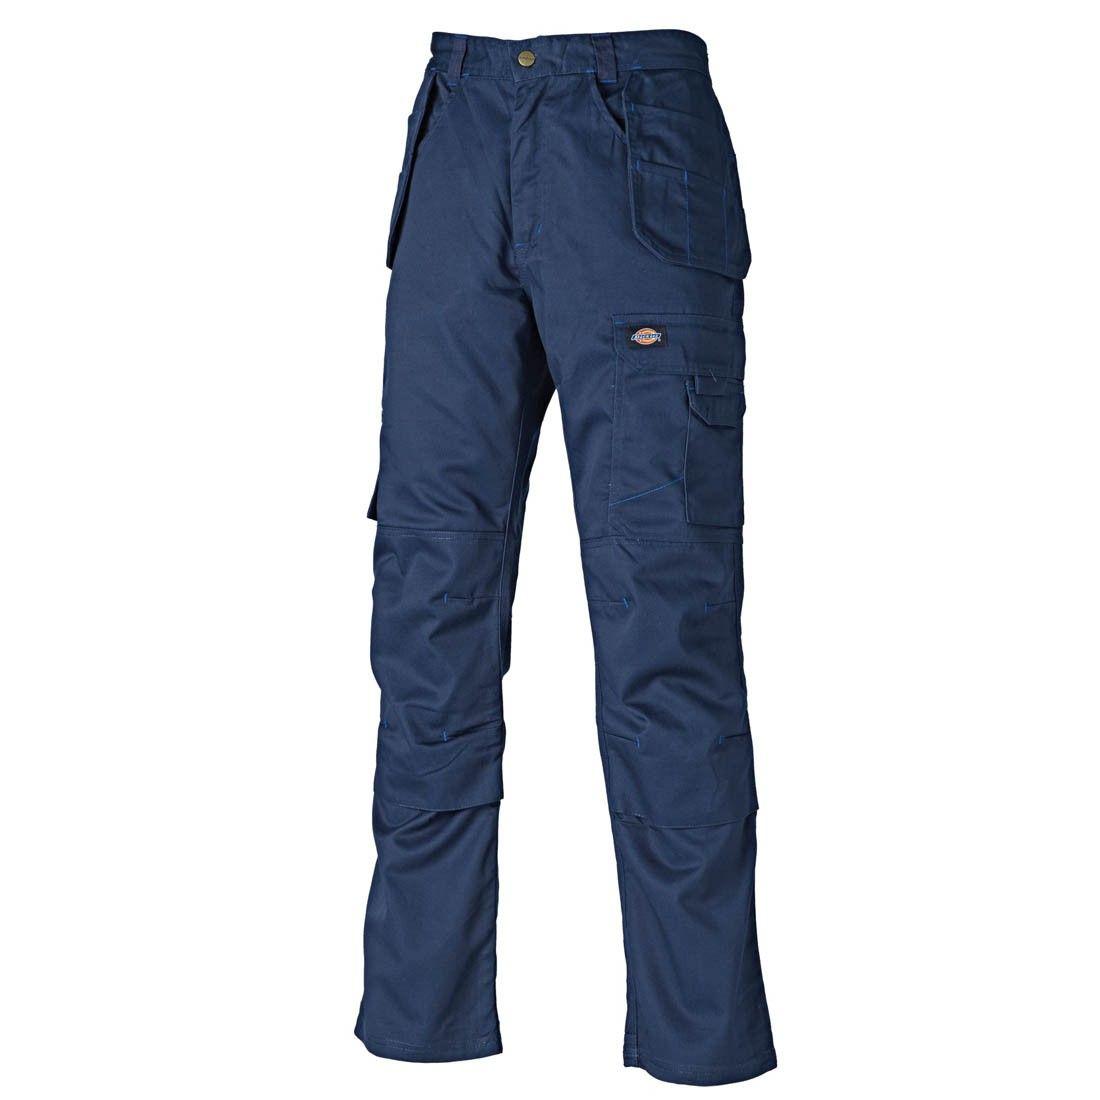 Dickies Workwear Work Cushioned Knee Pads